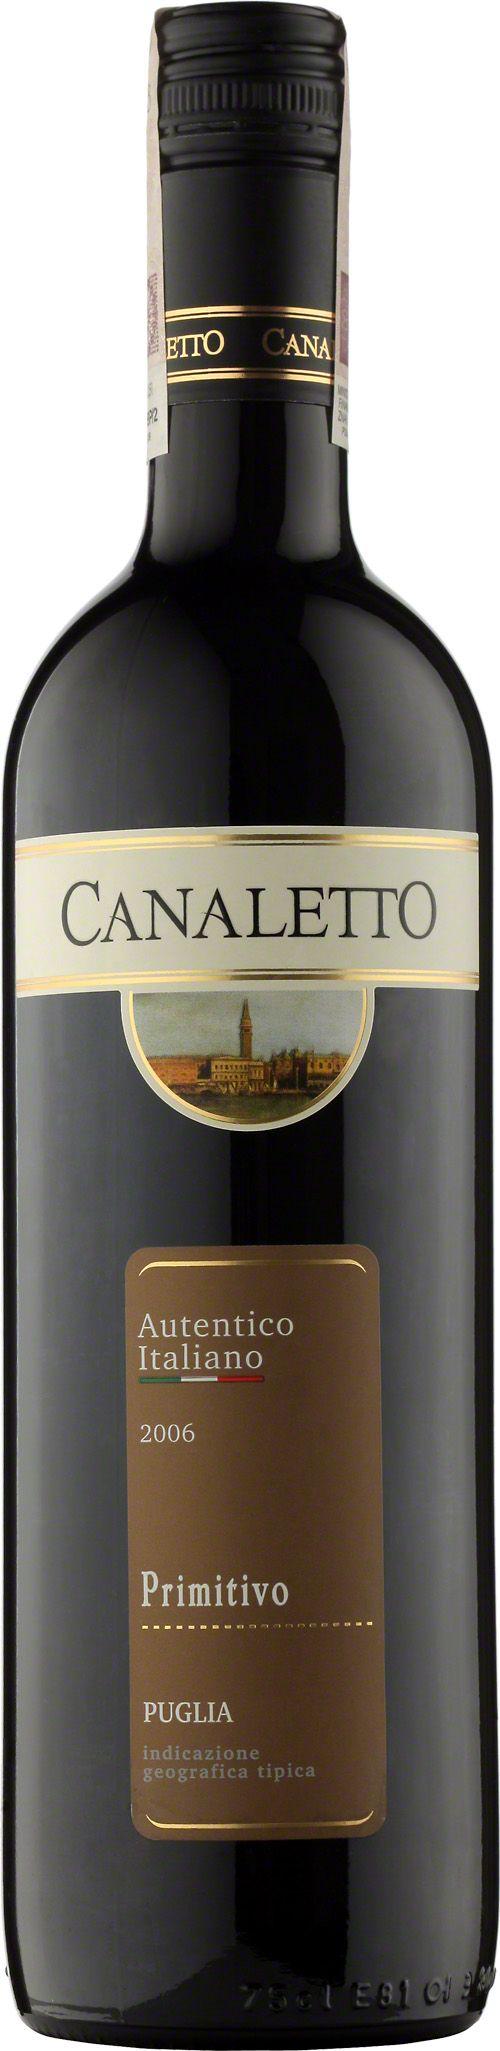 Casa Girelli Canaletto Primitivo Puglia I.G.T. Winogrona pochodzą z winnicy w południowej części tej prowincji, z okolic Salento, a ich jakość jest wysoka dzięki obniżonej wydajności do 40 hektolitrów z hektara. Wino jest zbierane ręcznie w optymalnym stadium dojrzałości - dojrzewa 12 miesięcy w małych beczułkach z dębu amerykańskiego, nabierając zapachu leśnych owoców i przypraw. Dobrze zrównoważone, obfite i krągłe. #CasaGirelli #Canaletto #Primitivo #Puglia #Wlochy #Wino #Winezja